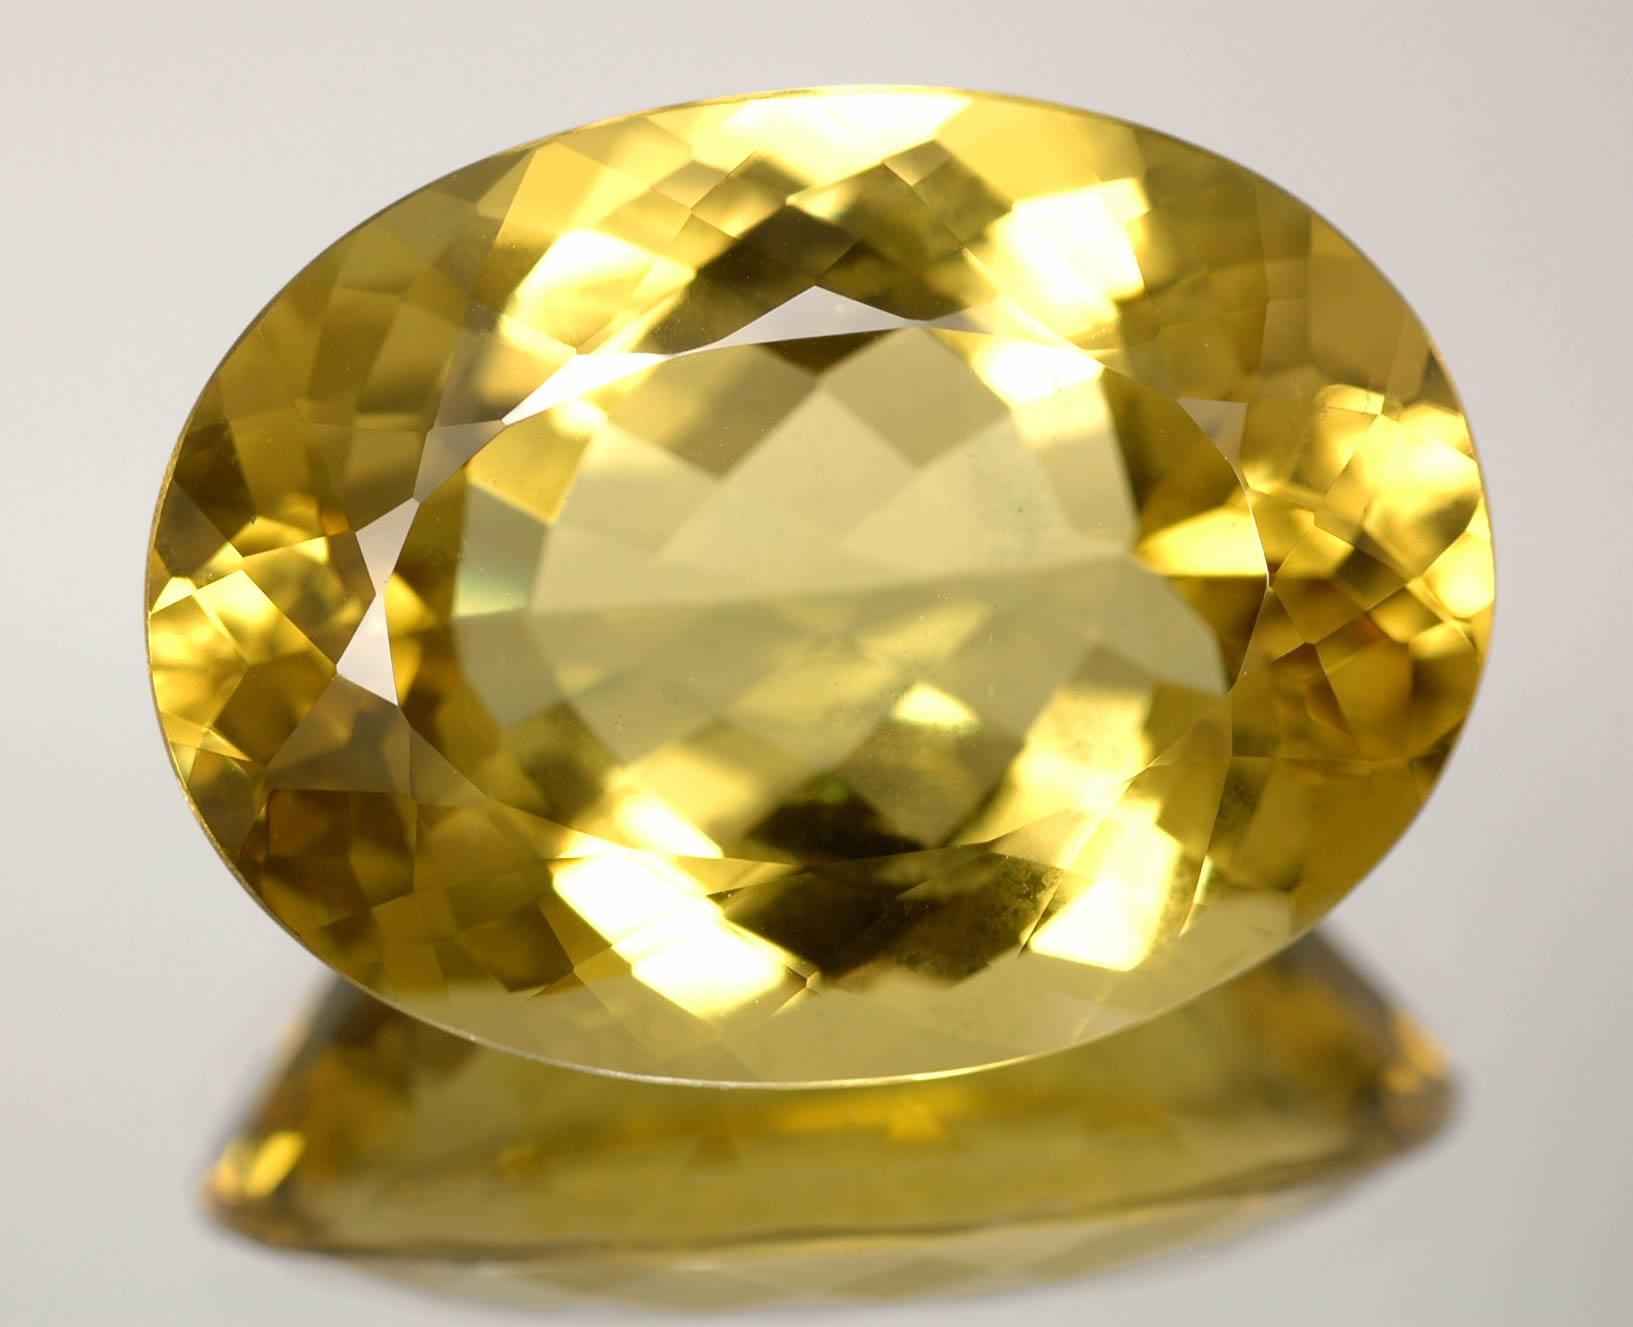 нежной, вечной, бирилл прозрачный камень купить этого знака Зодиака